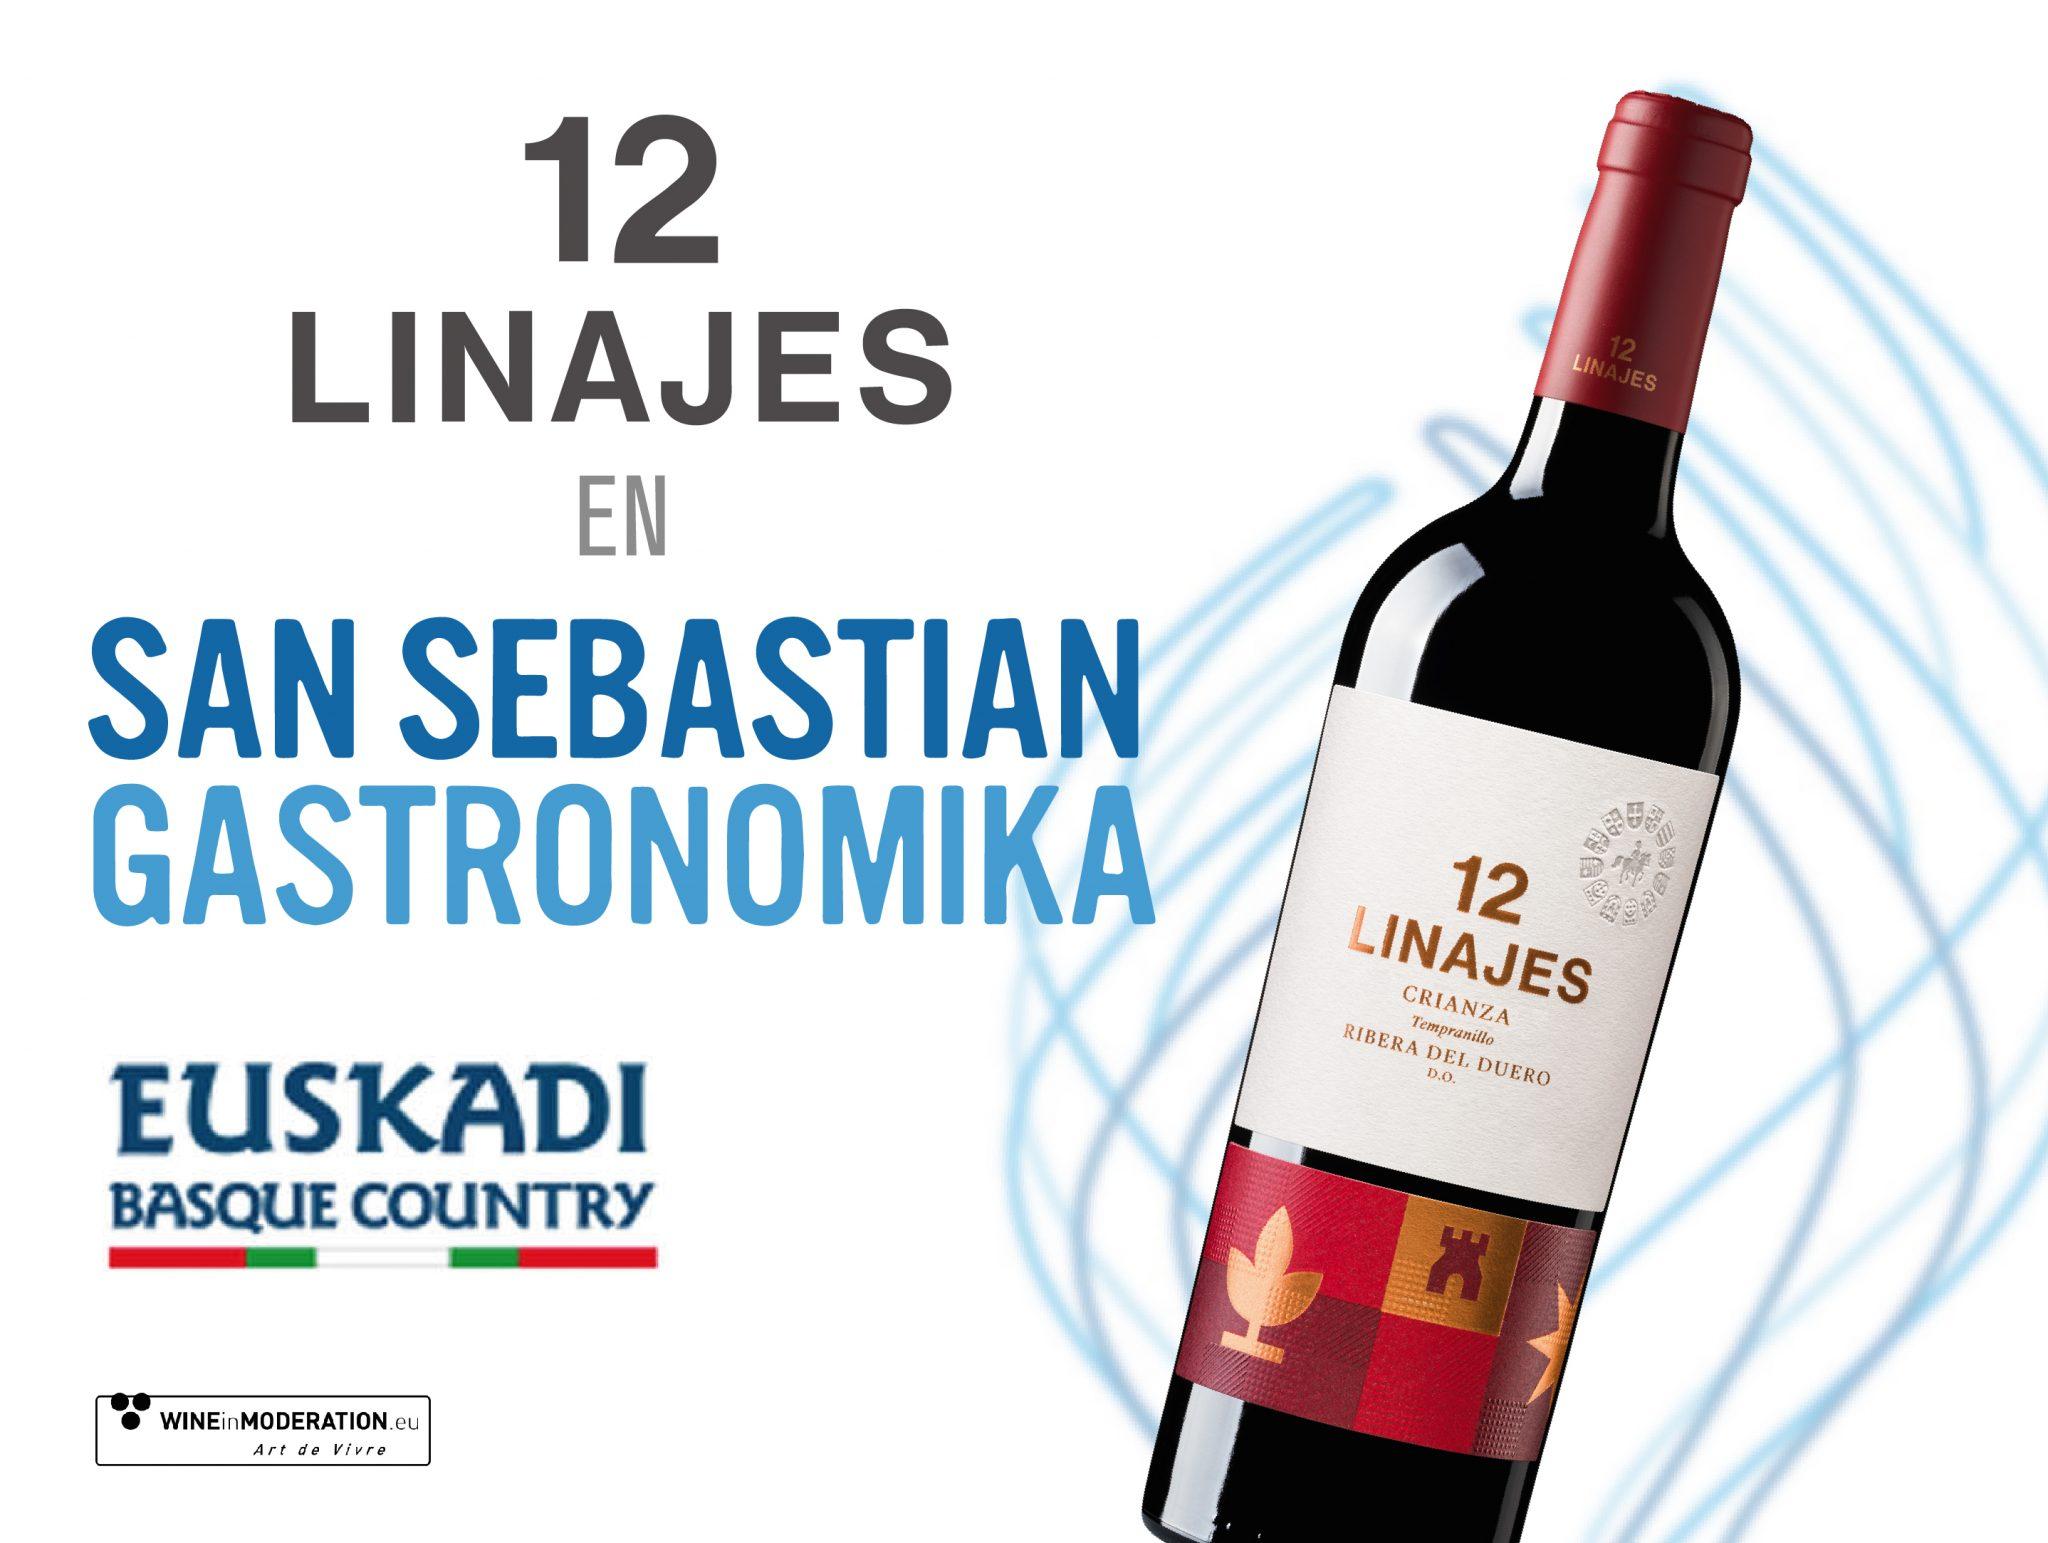 Los mejores vinos sorianos en la Gastronomika donostiarra